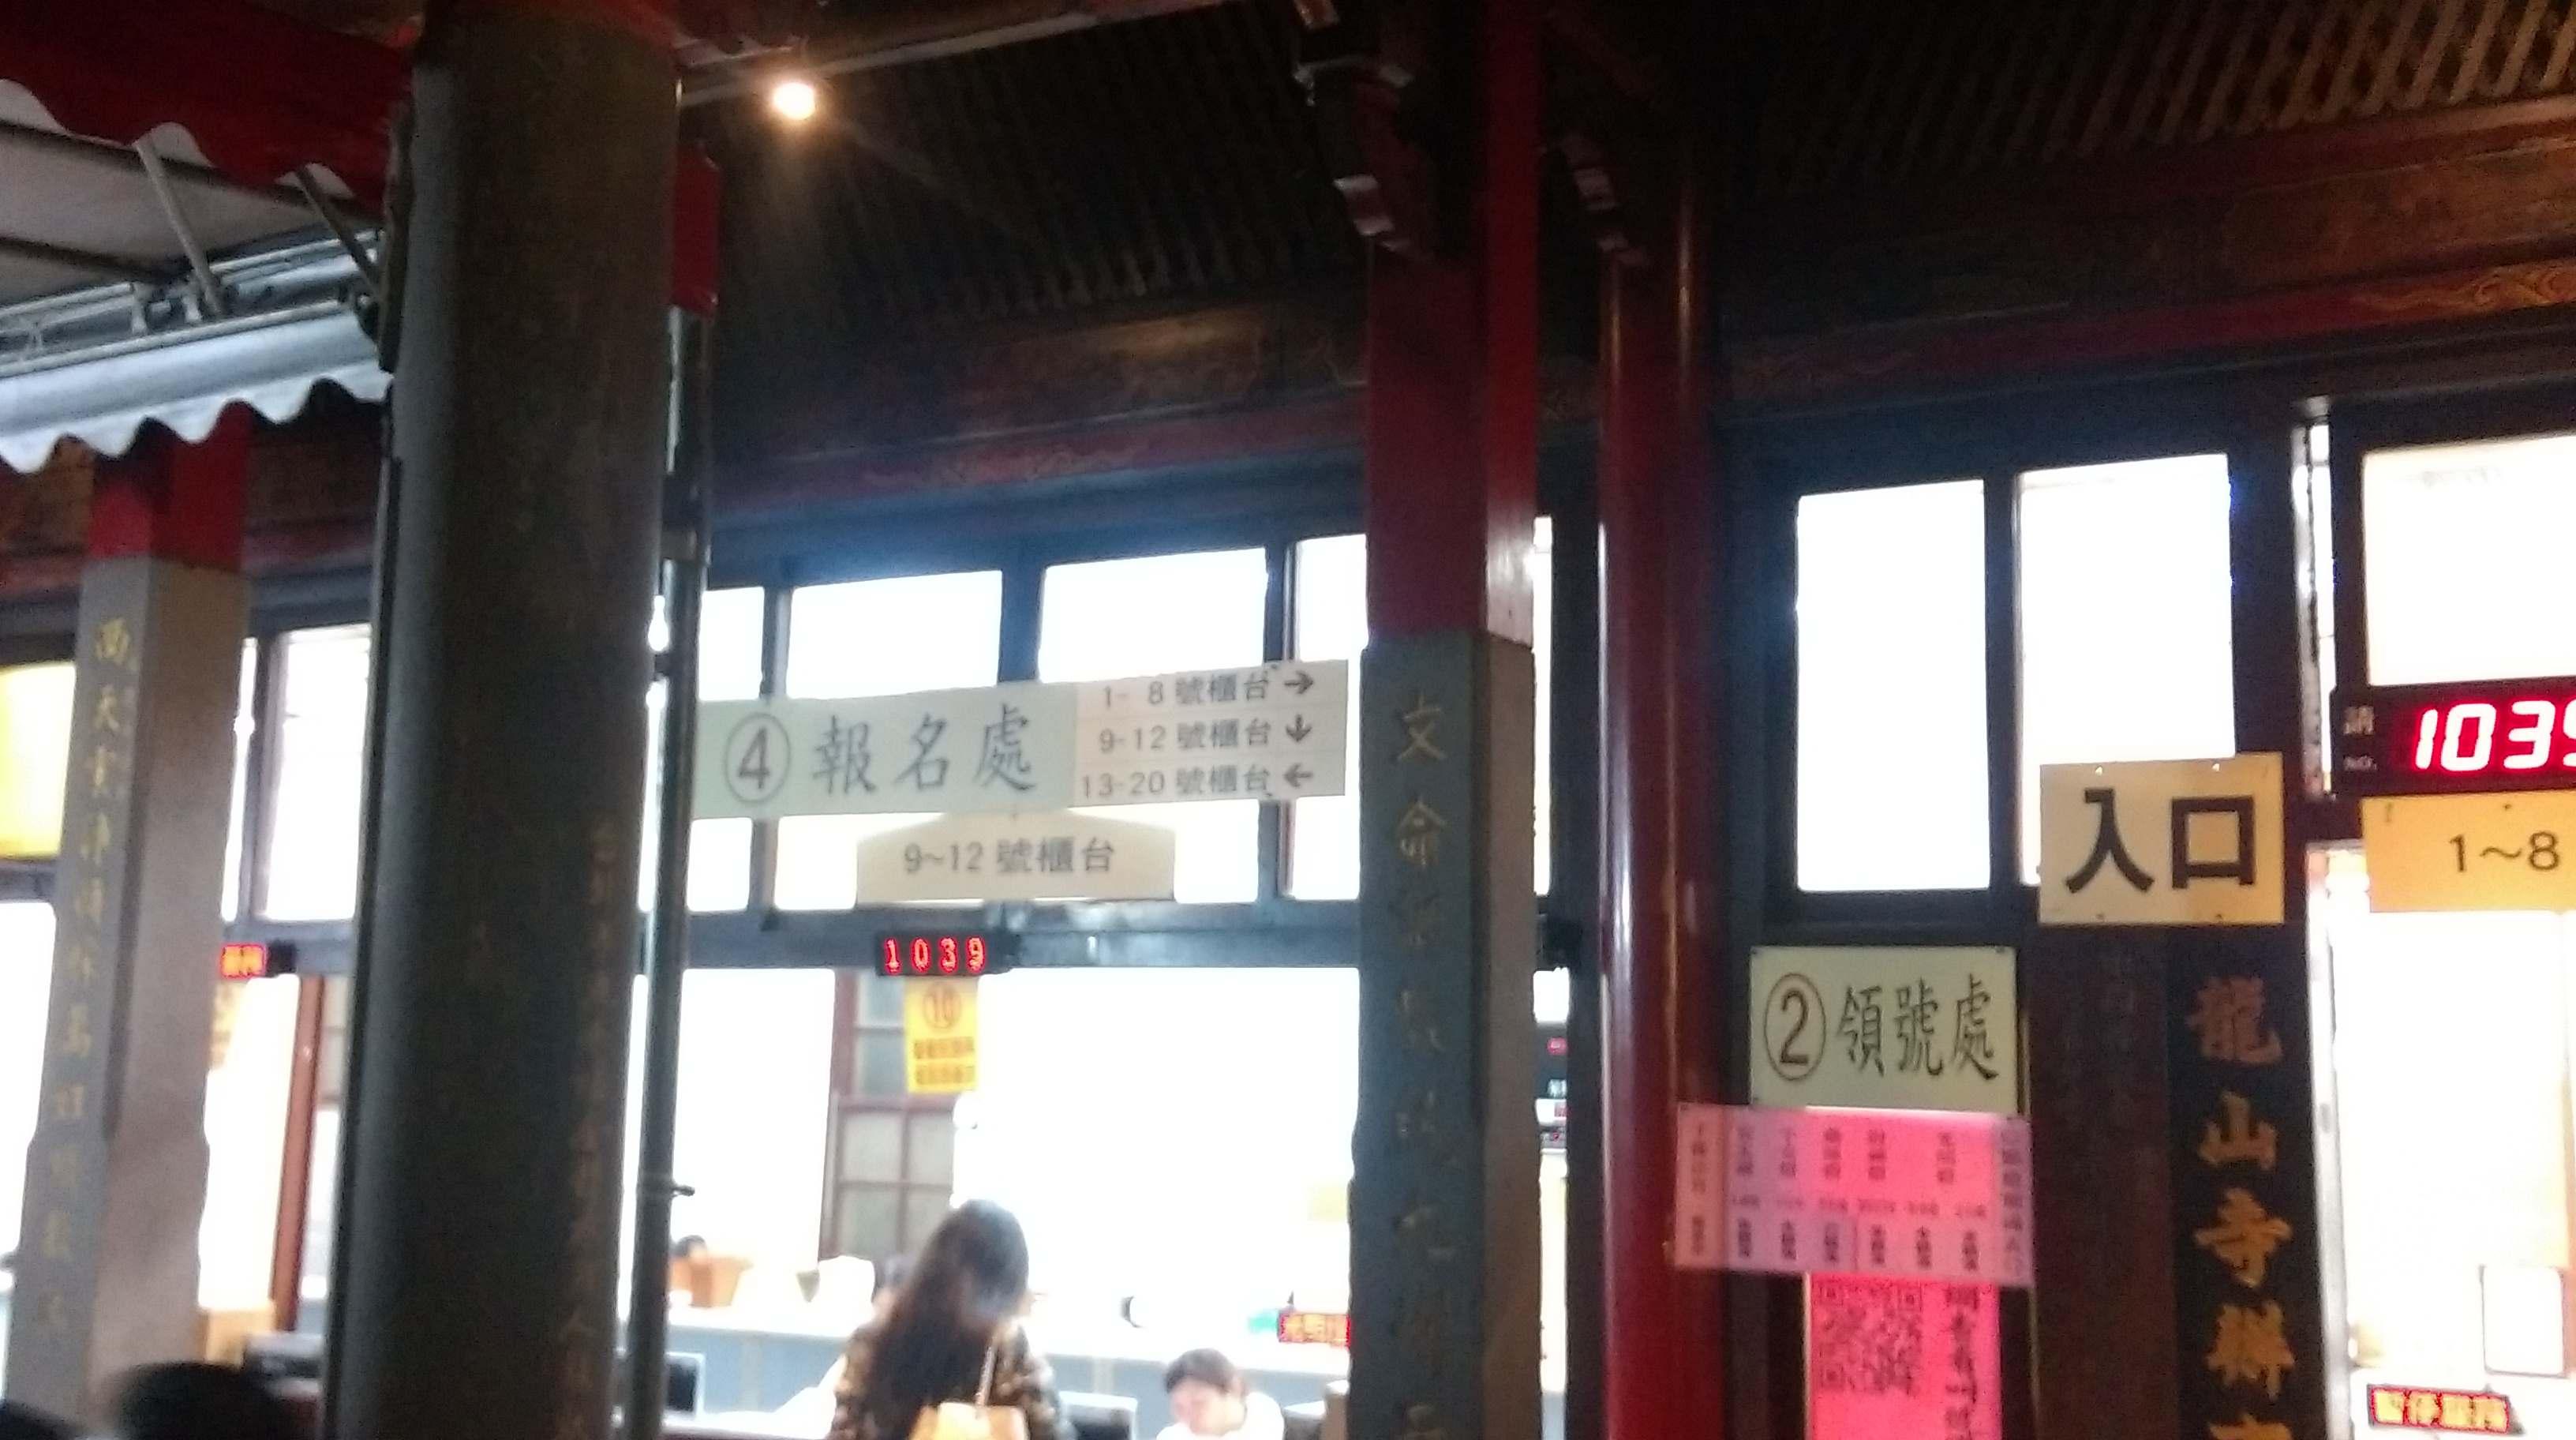 160116-龍山寺-安太歲排隊